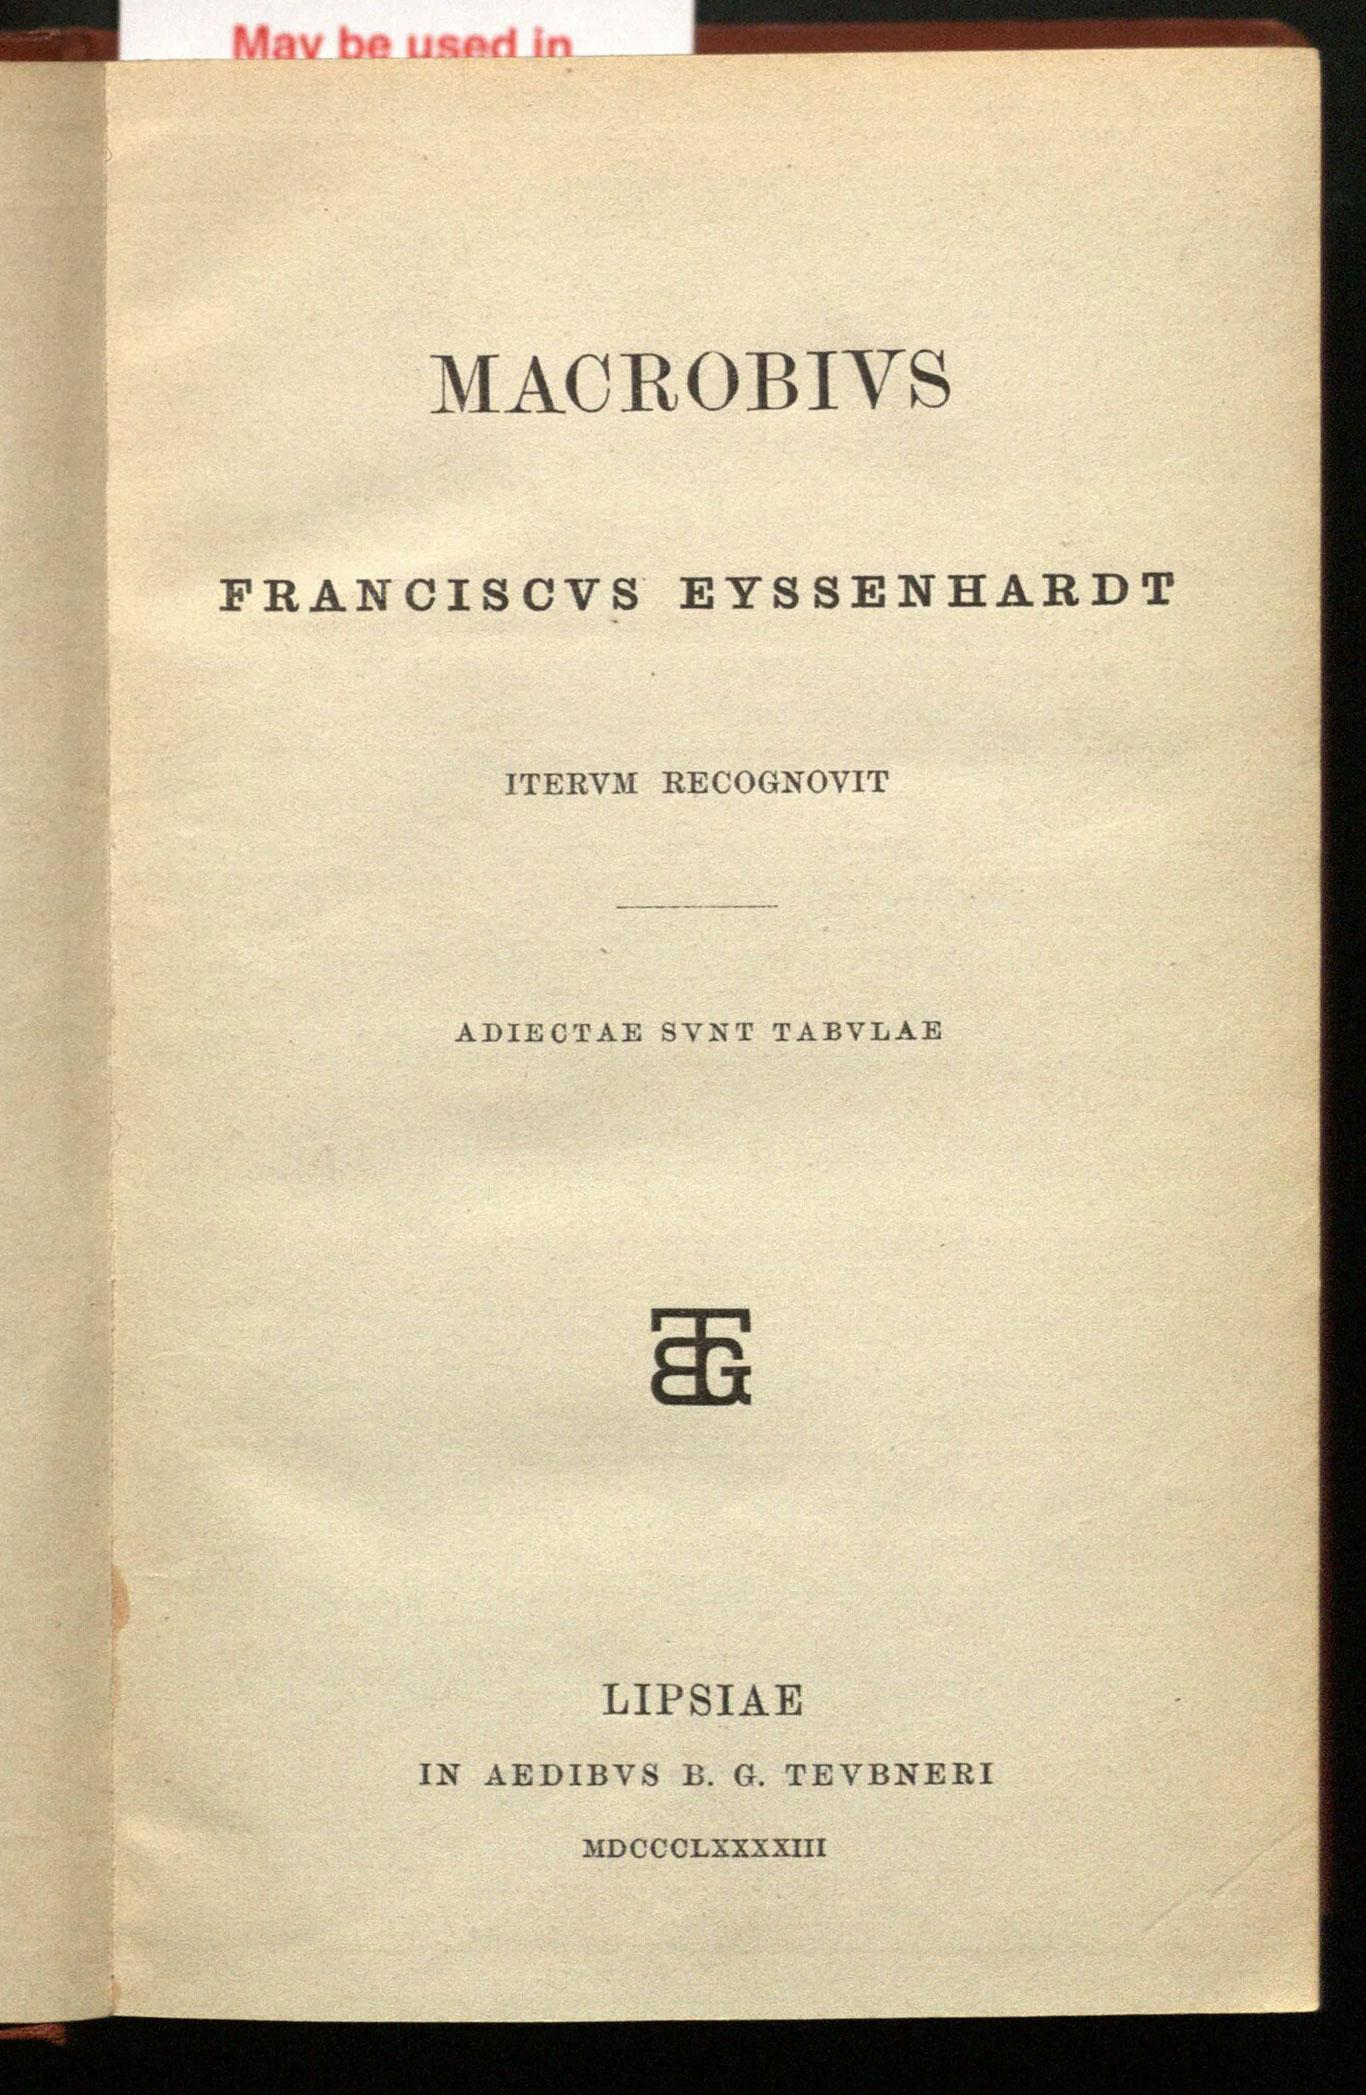 Macrobivs / Franciscvs Eyssenhardt intervm recognovit ; adiectae svnt tabvlae